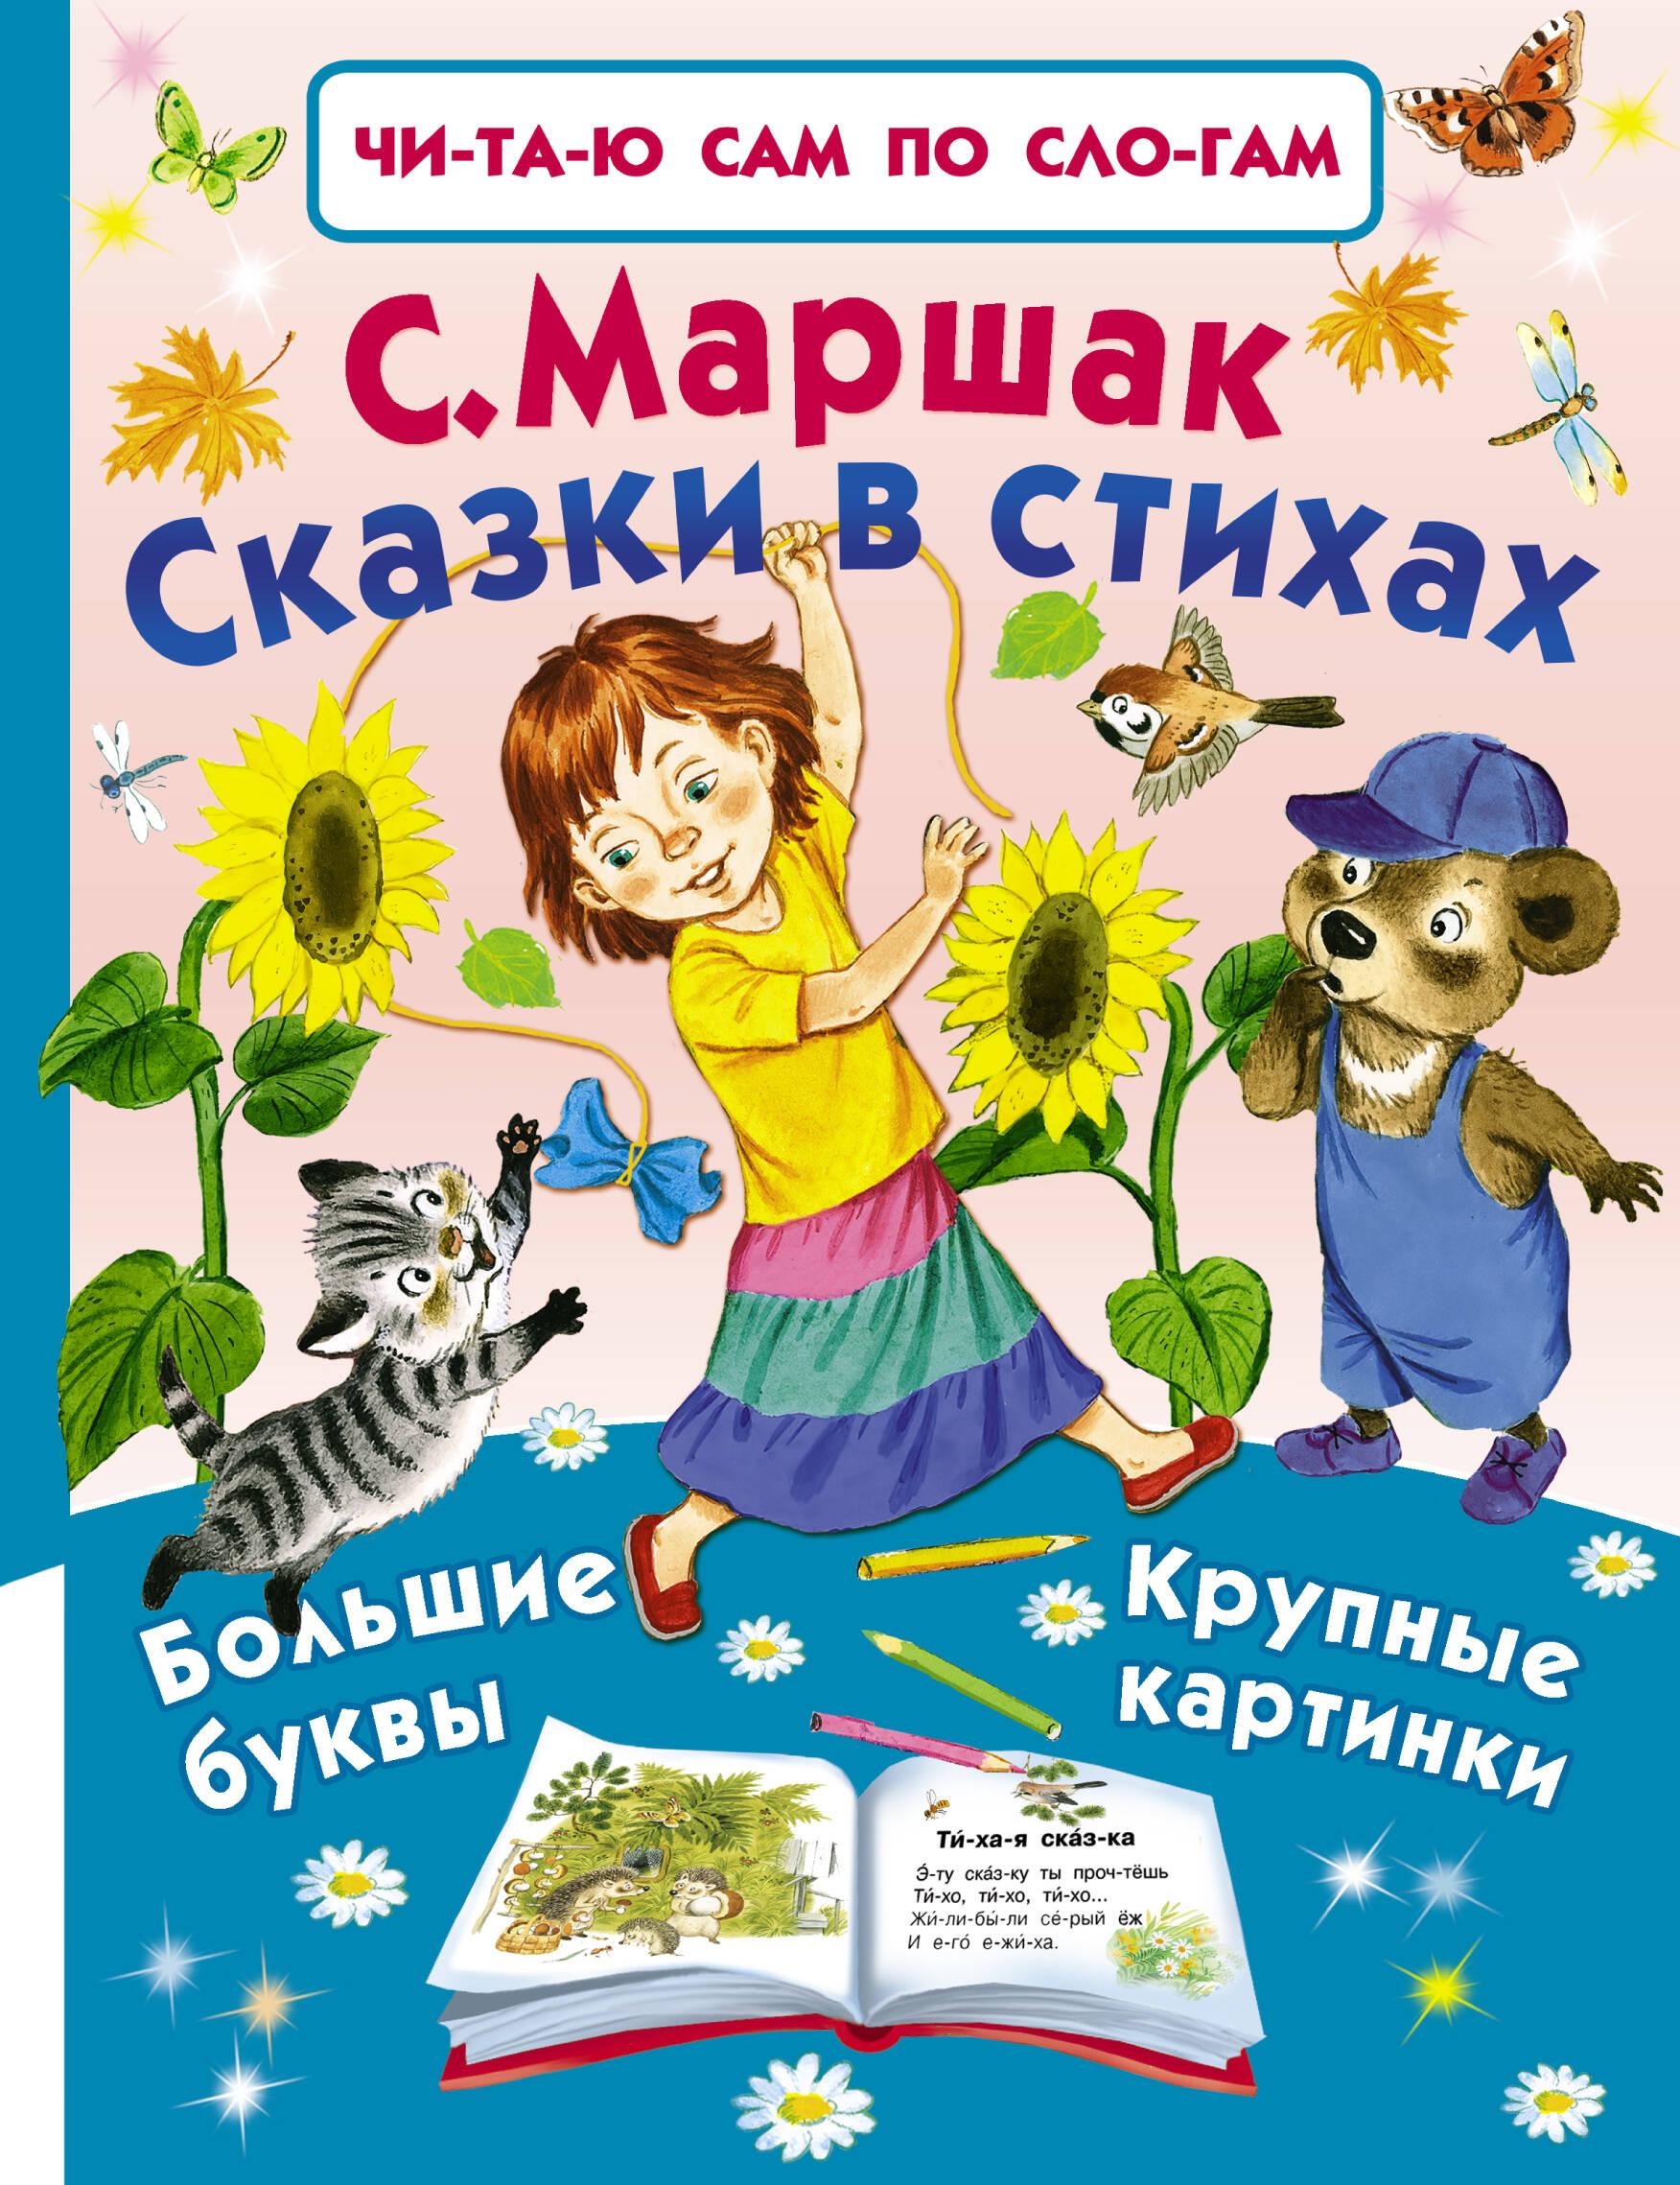 Маршак С.Я. Сказки в стихах л н толстой произведения для детского чтения